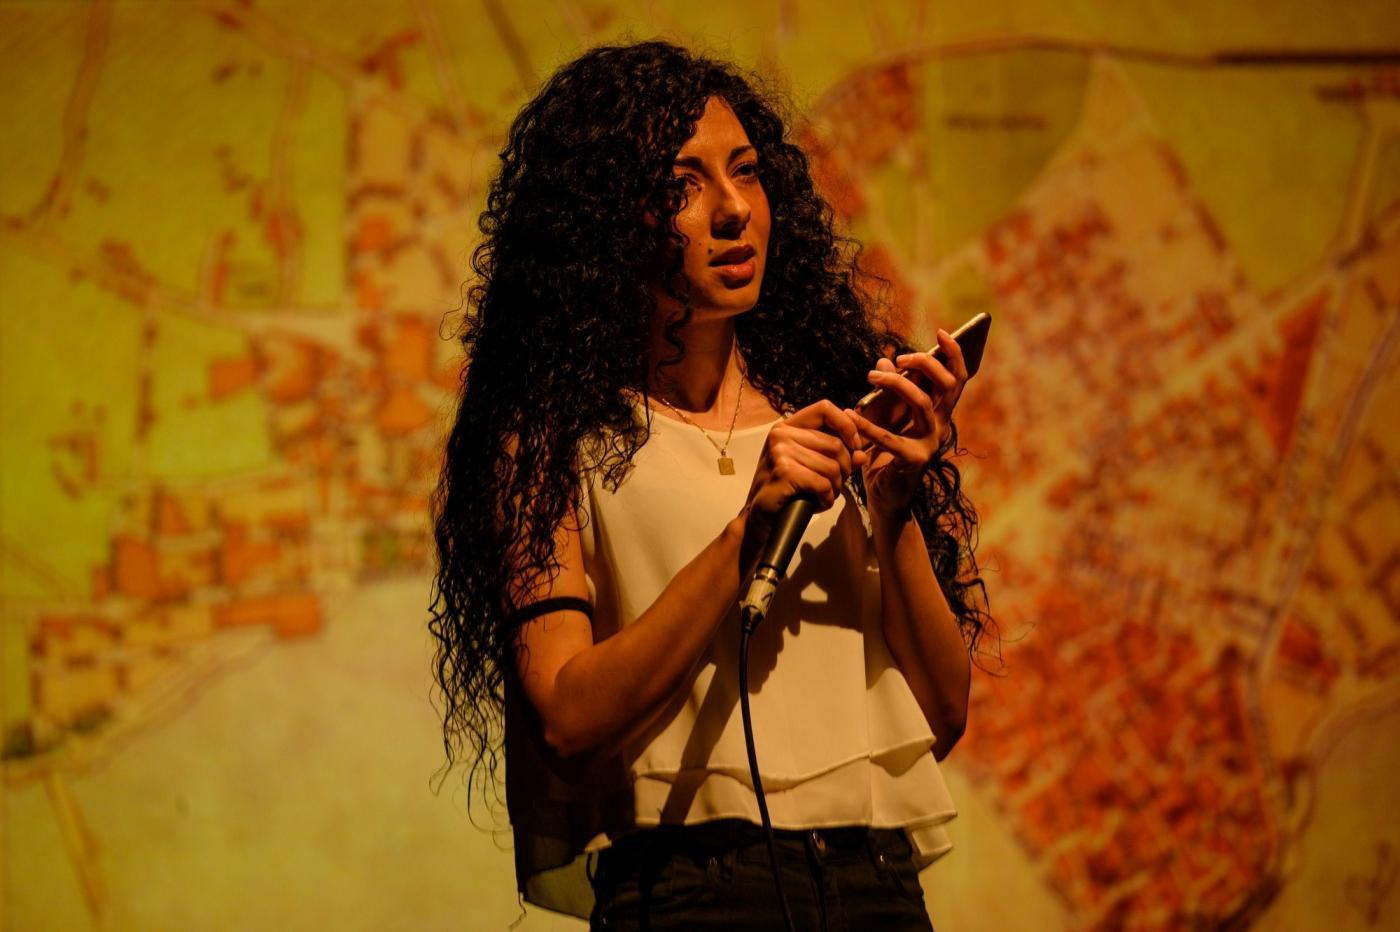 الممثلة الإيطالية الليبية ميريام سليمة فينو